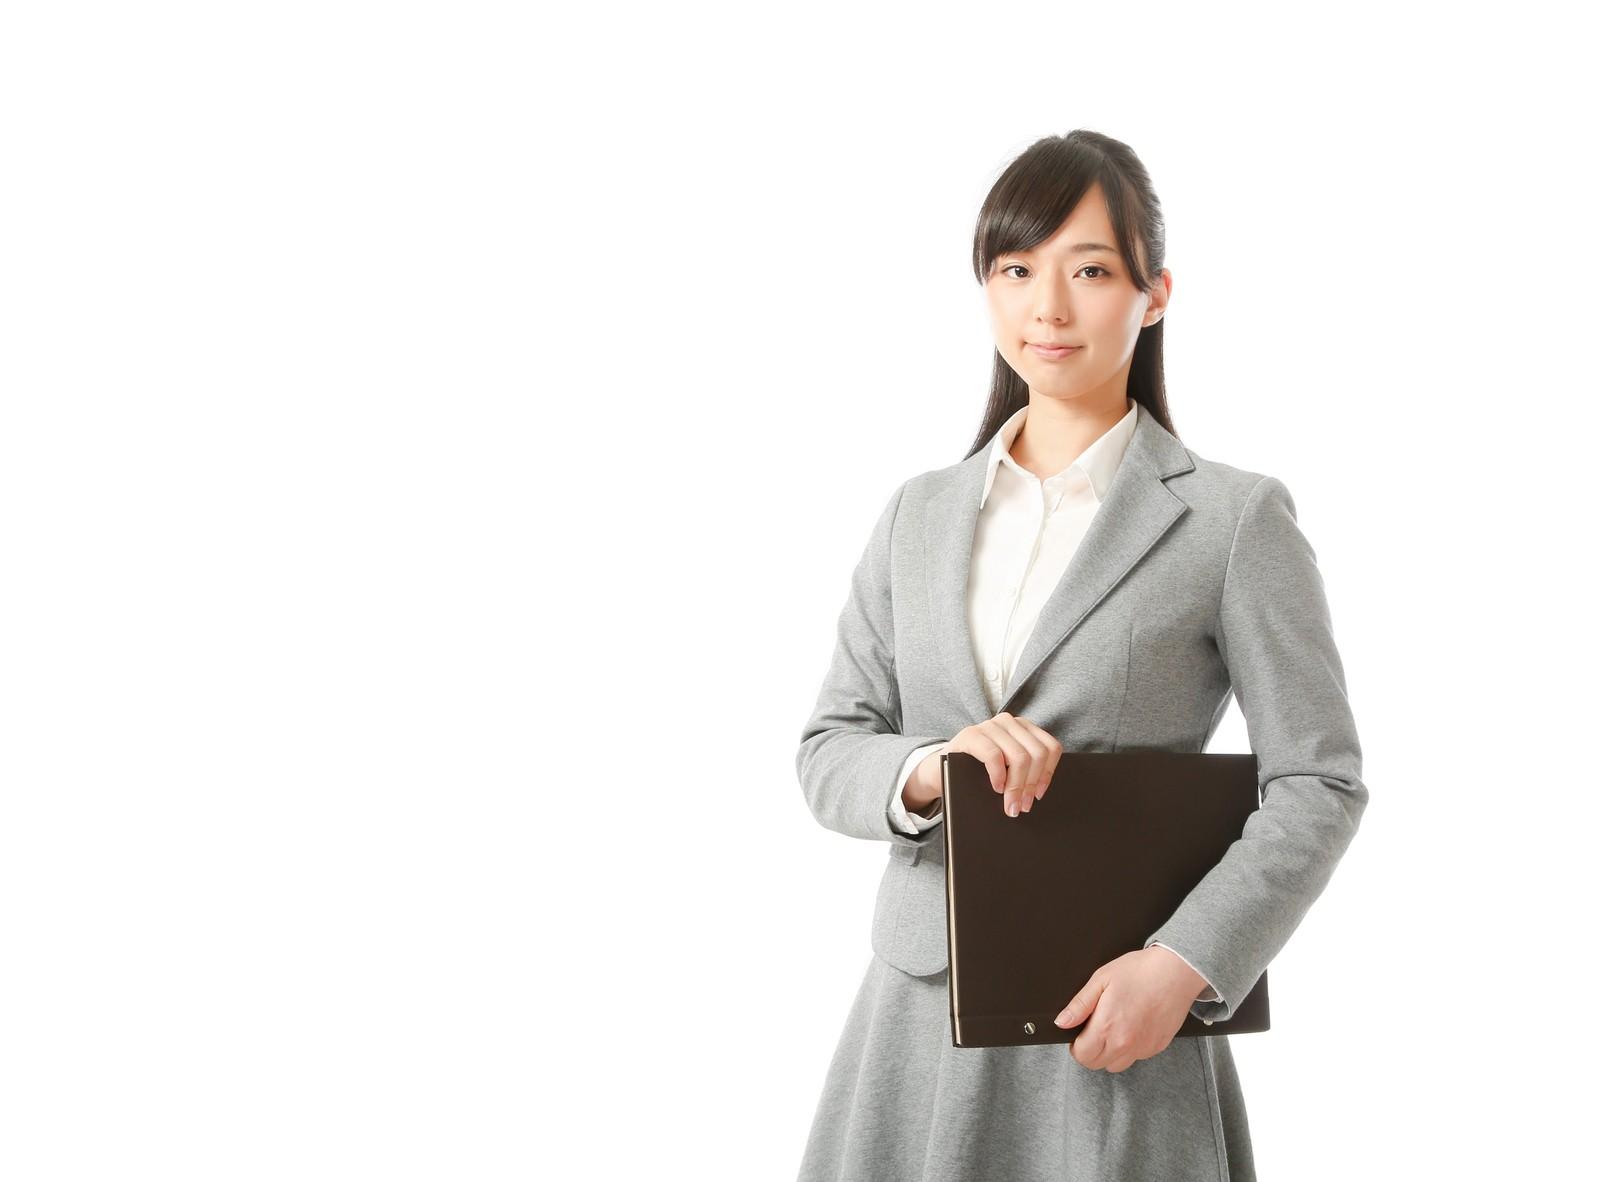 転職のベストタイミングはいつ?有利に転職を行う為に知るべきこと